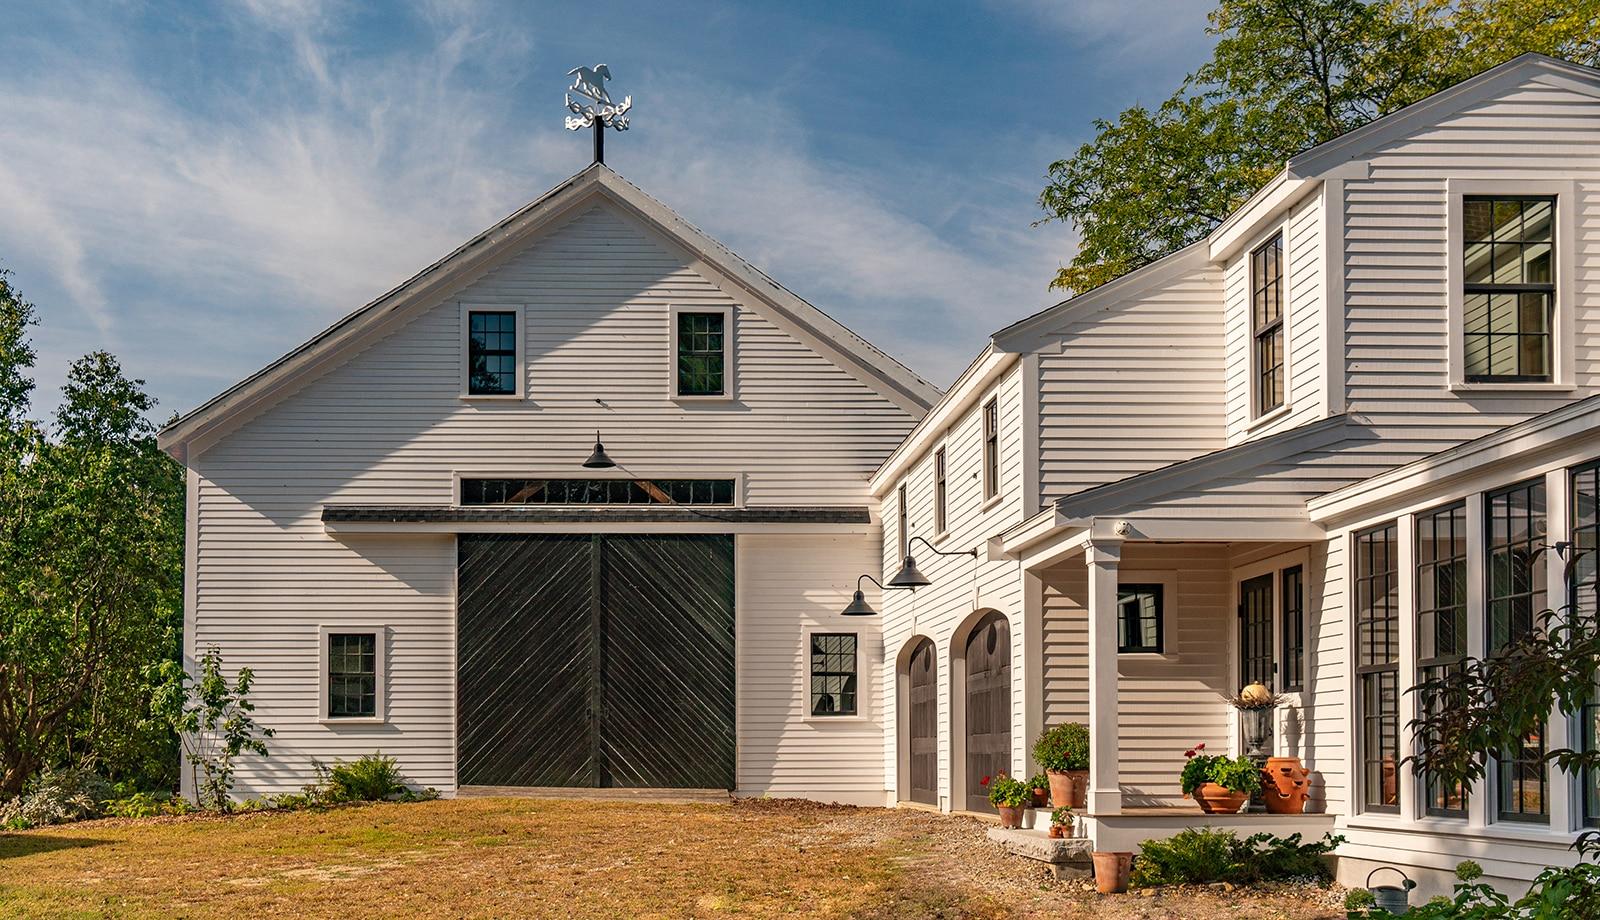 Arrowhead Farmhouse Newburyport MA Exterior edited